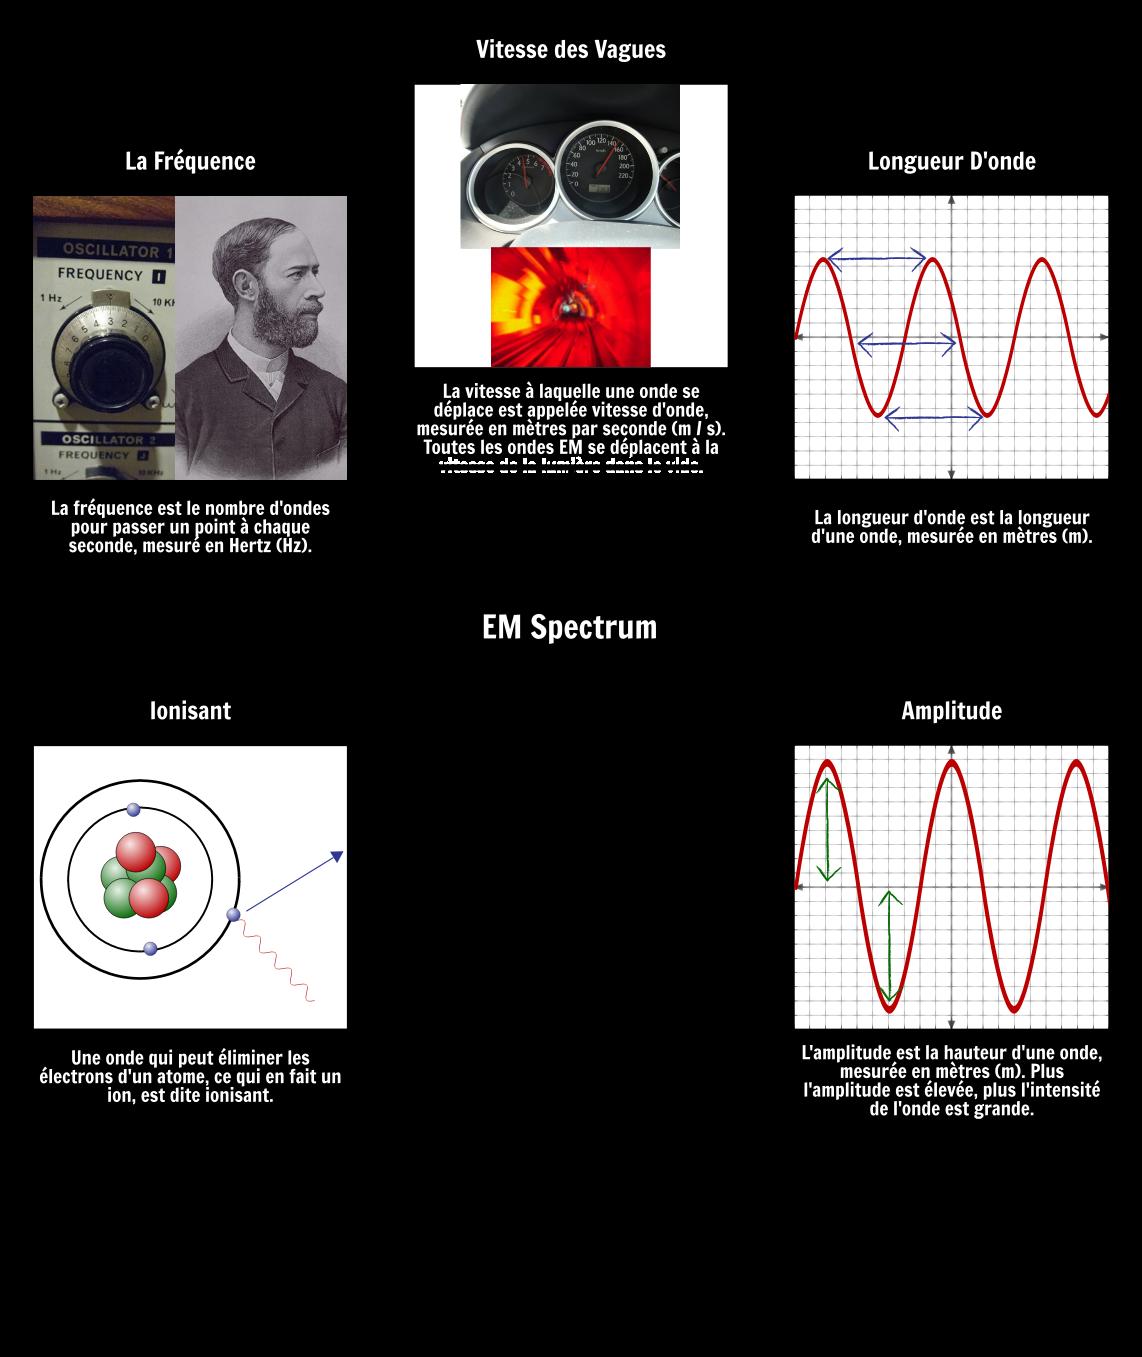 Vocabulaire du Spectre EM